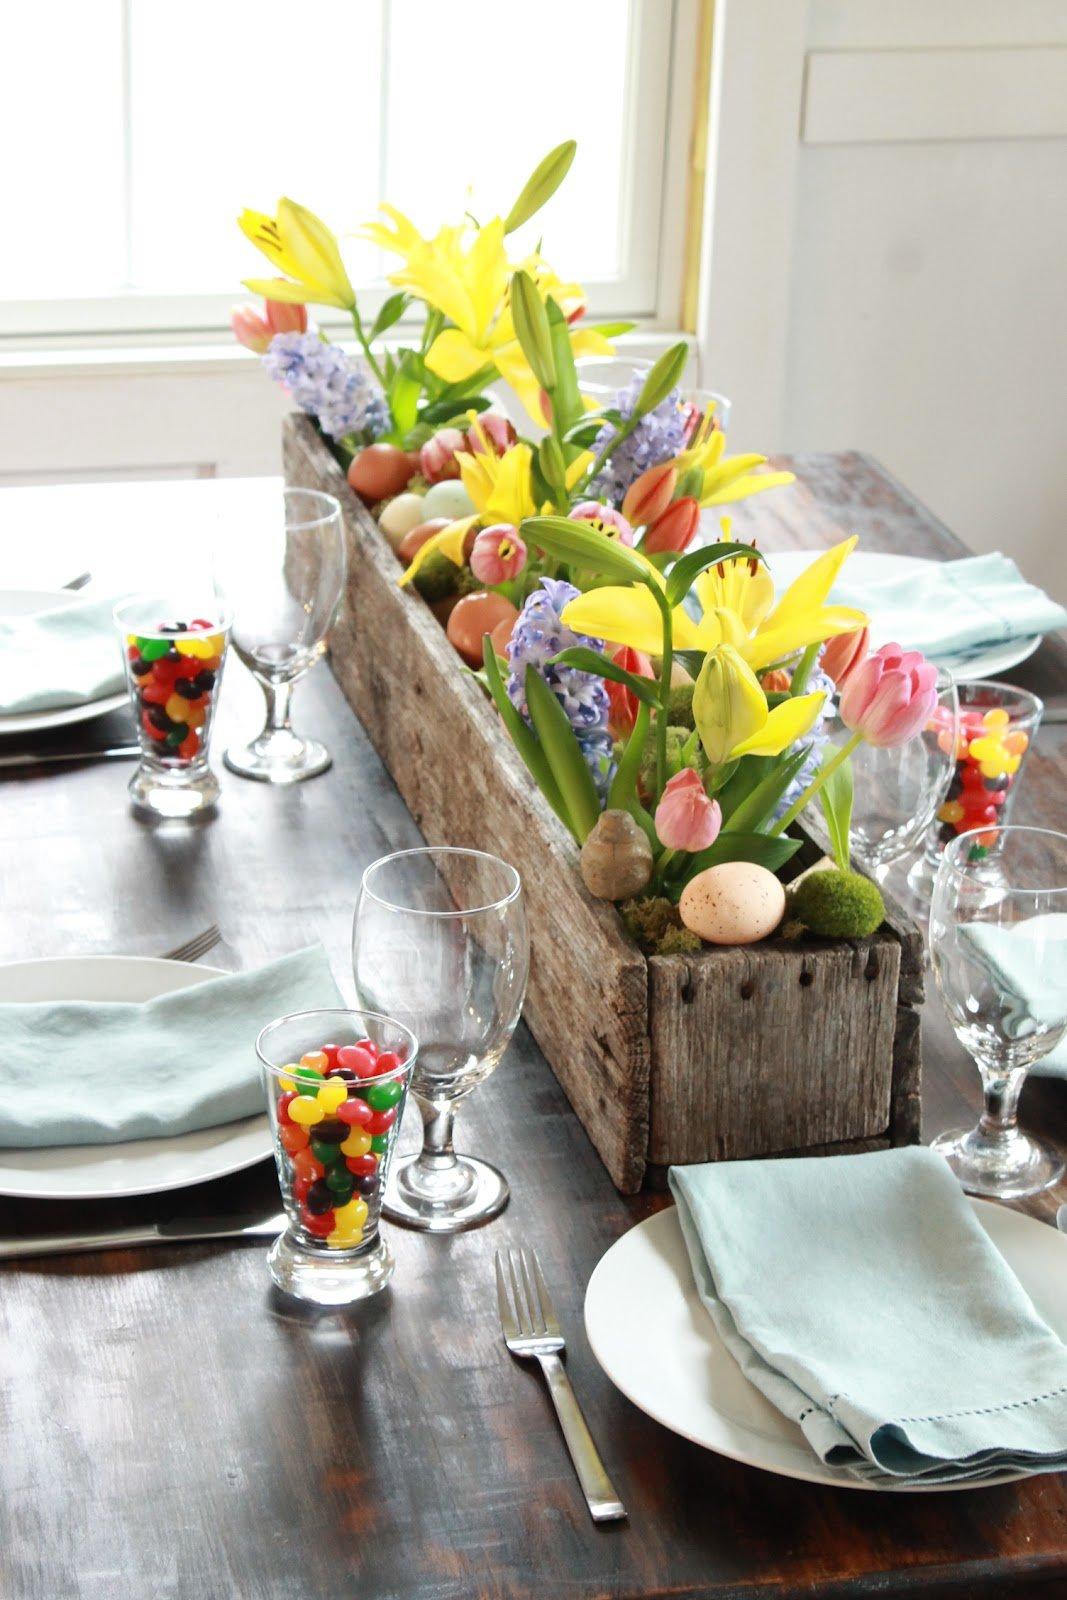 как украсить весенний стол фото кабину, завели